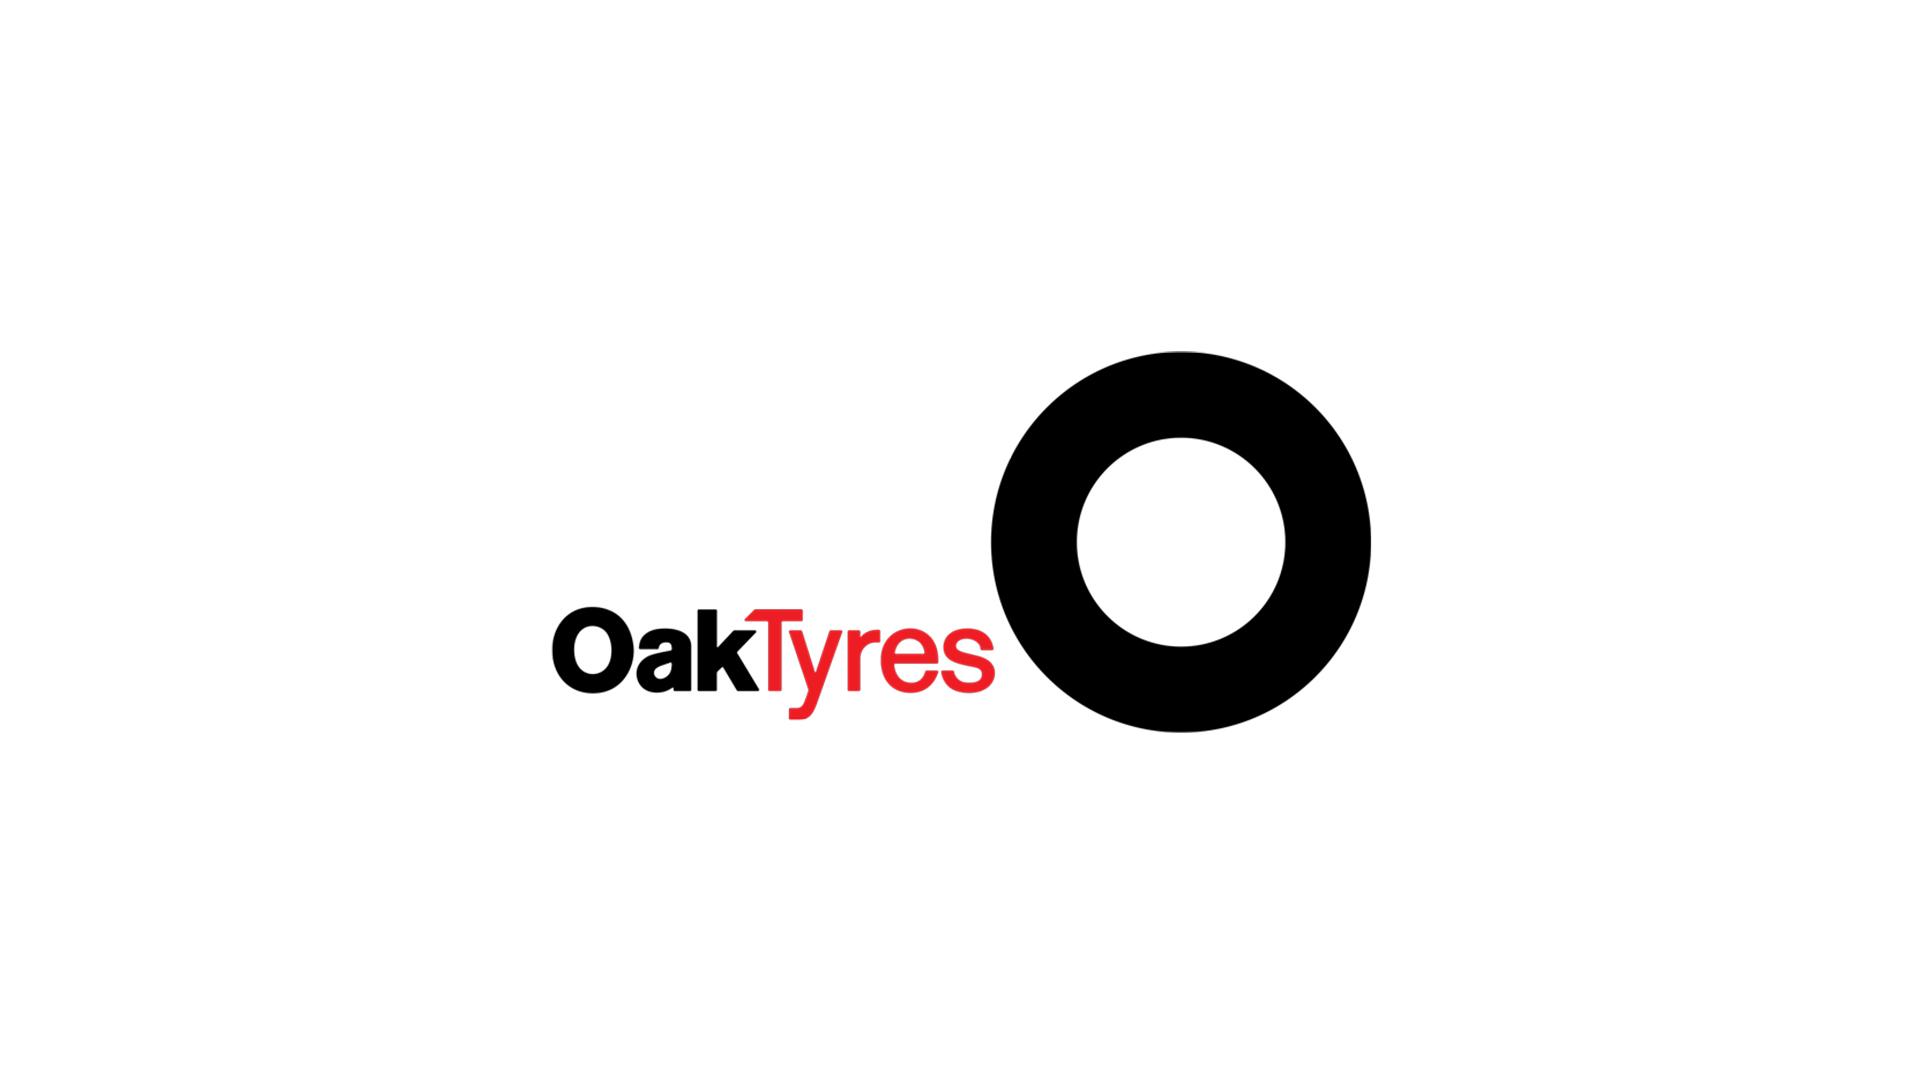 OakTyresLogoThumbnail-1920×1080